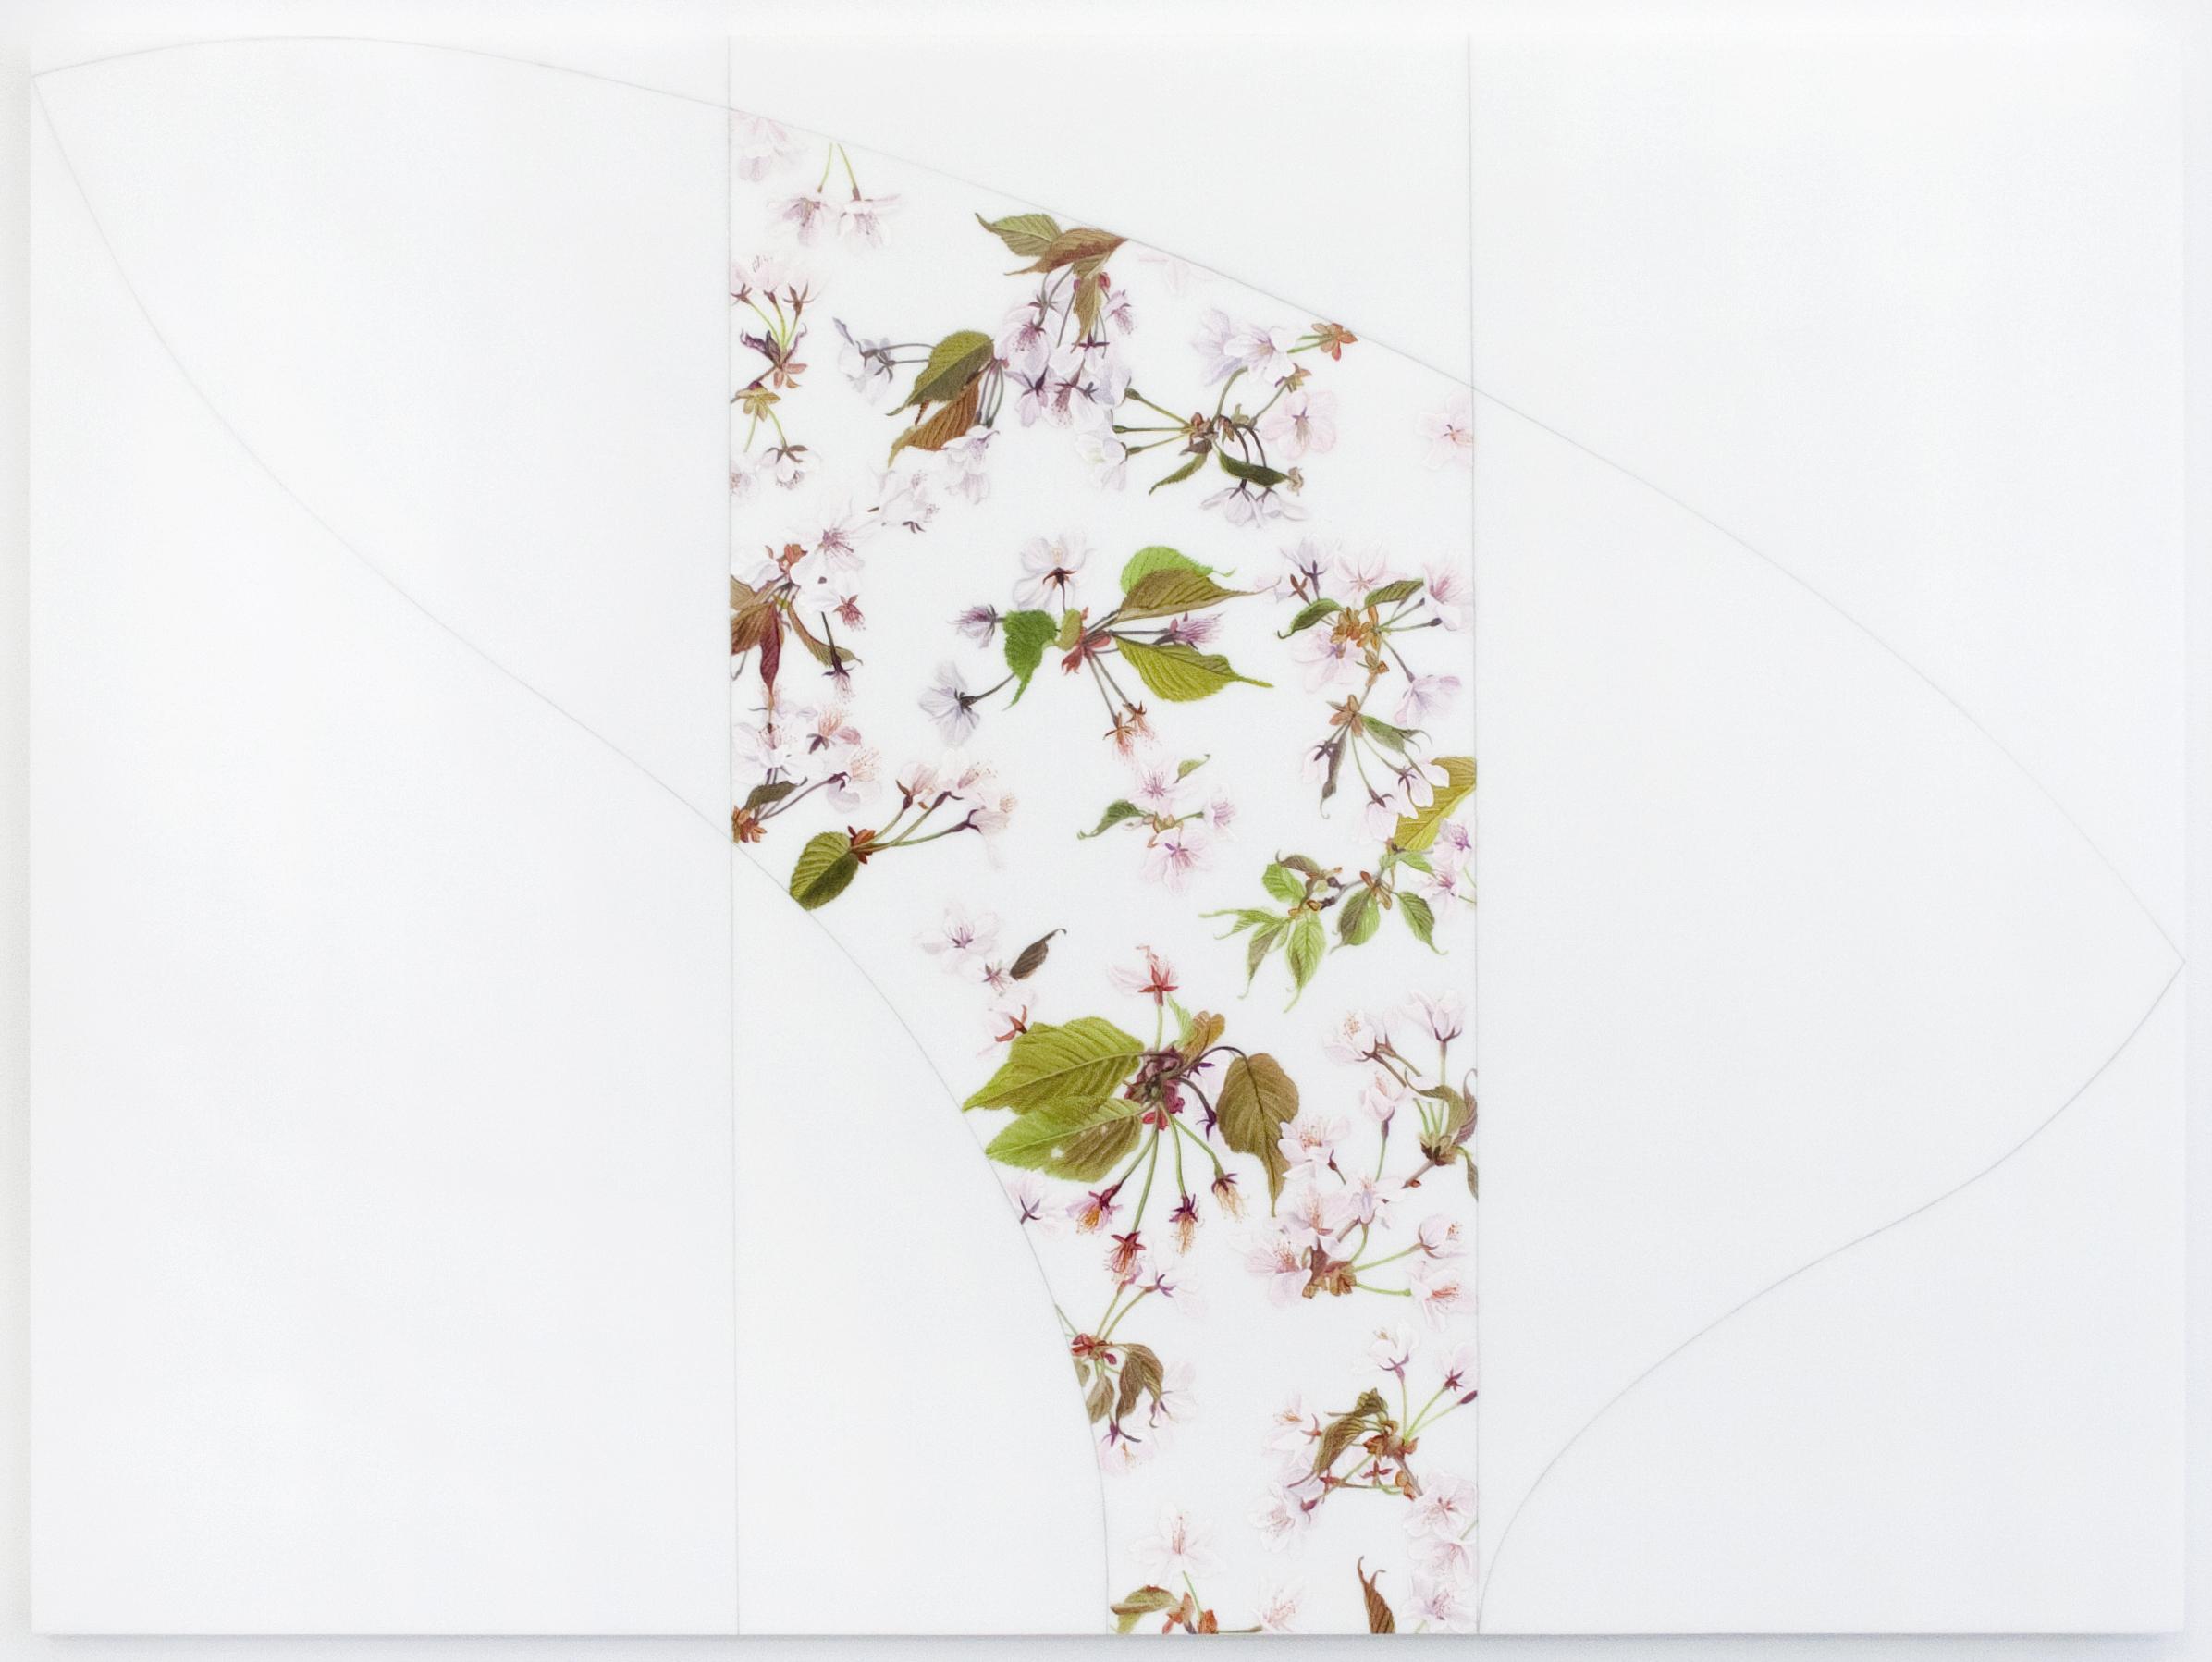 Fact & Fancy 8 (Prunus Sargentii)